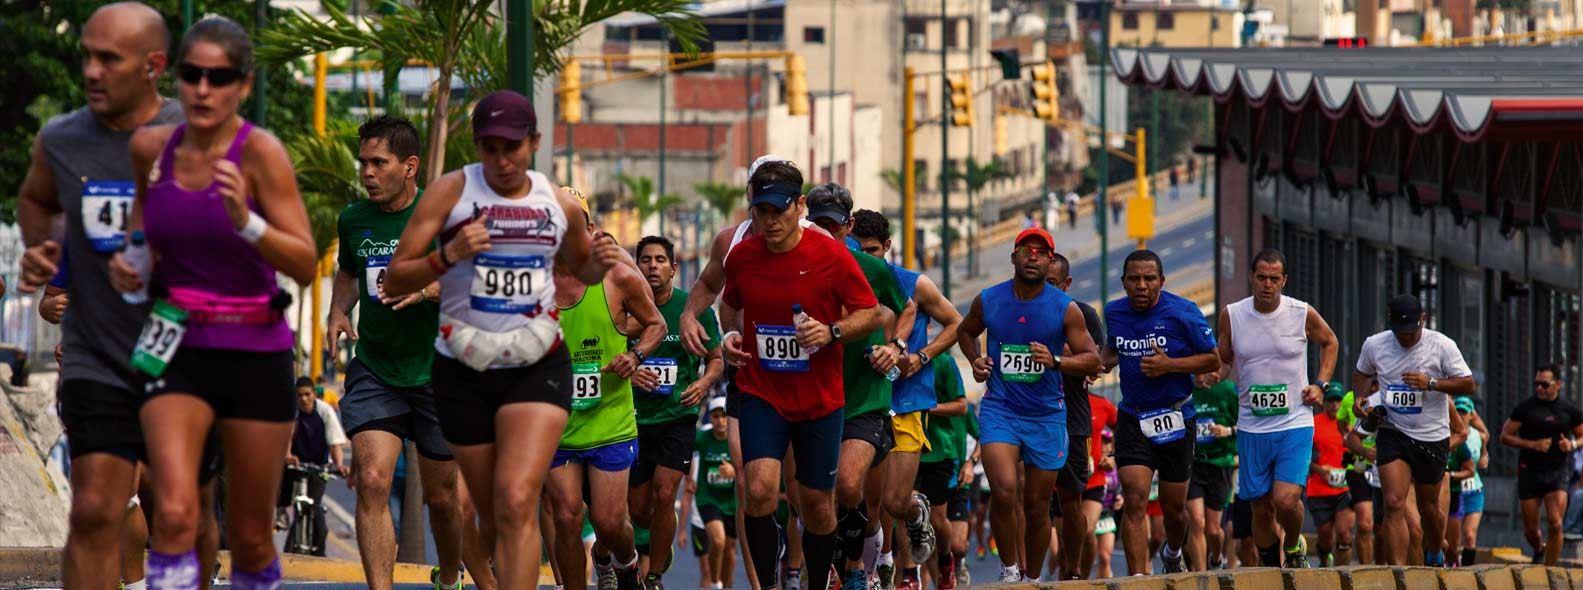 Alles over de Caf Caracas Maraton en hoe jij er aan mee kunt doen